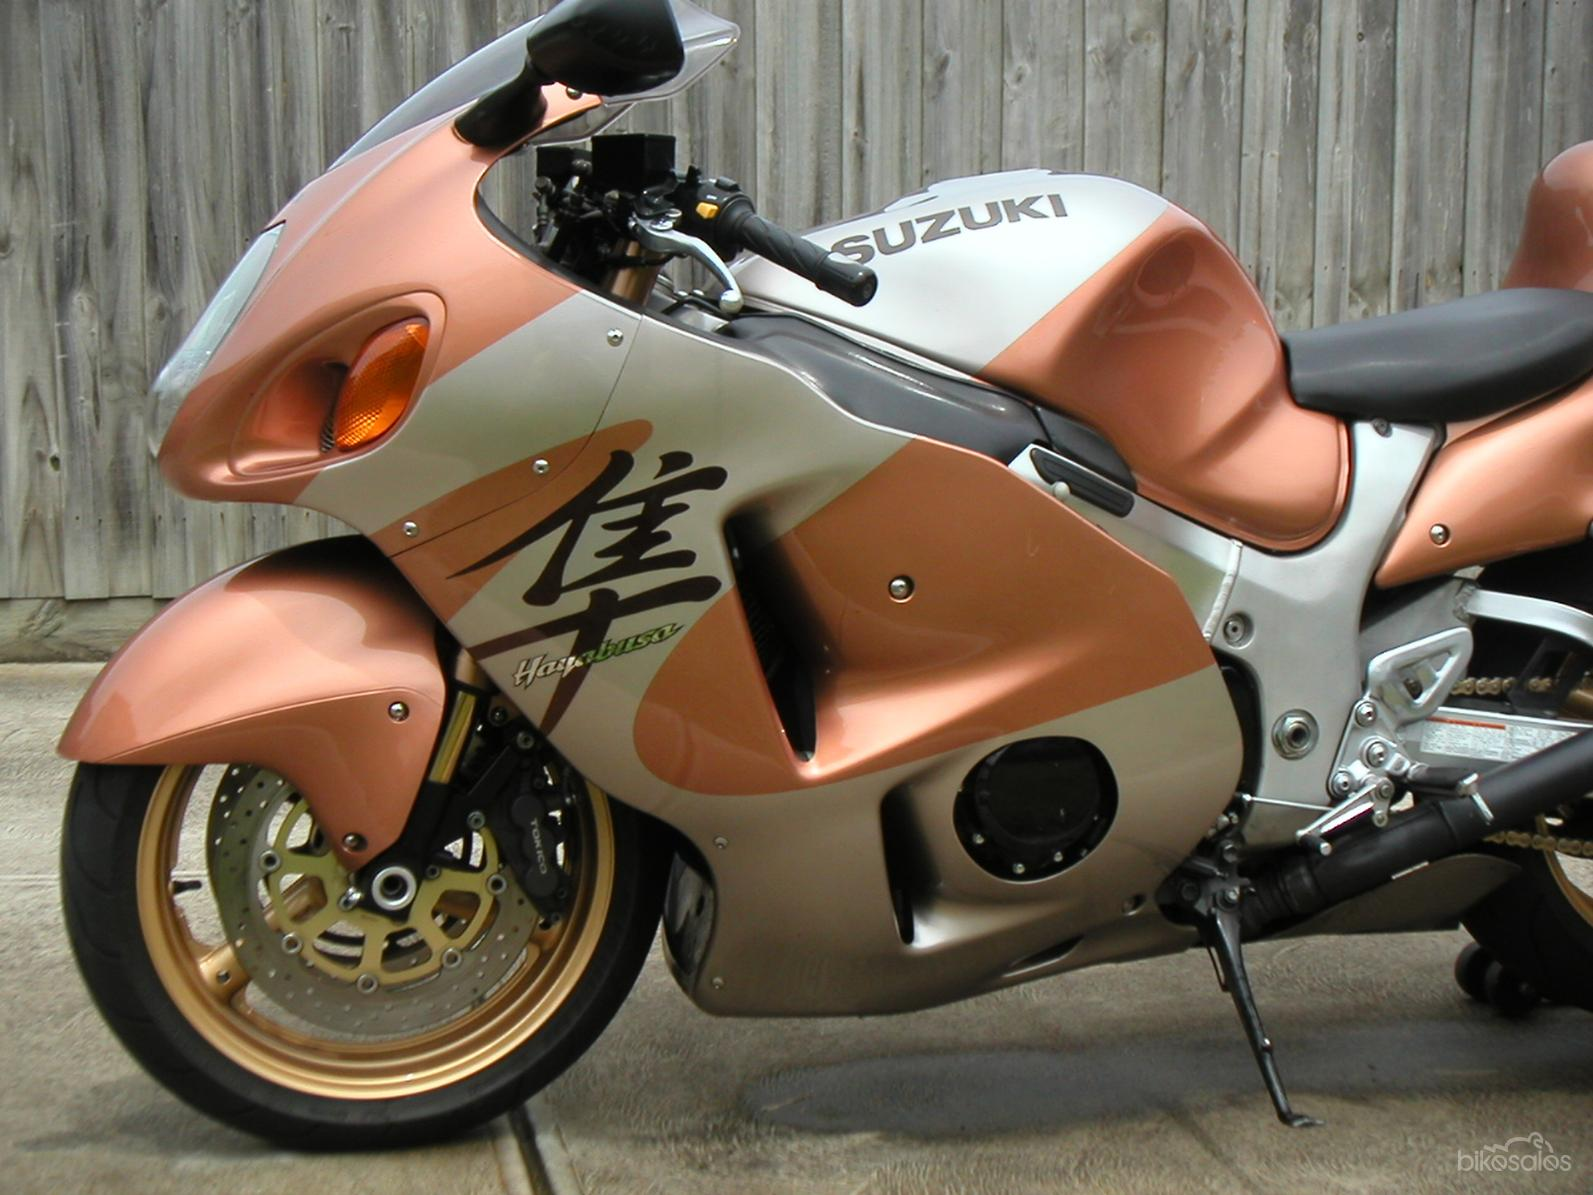 1999 Suzuki Hayabusa (GSX1300R)-SSE-AD-4599726 - bikesales